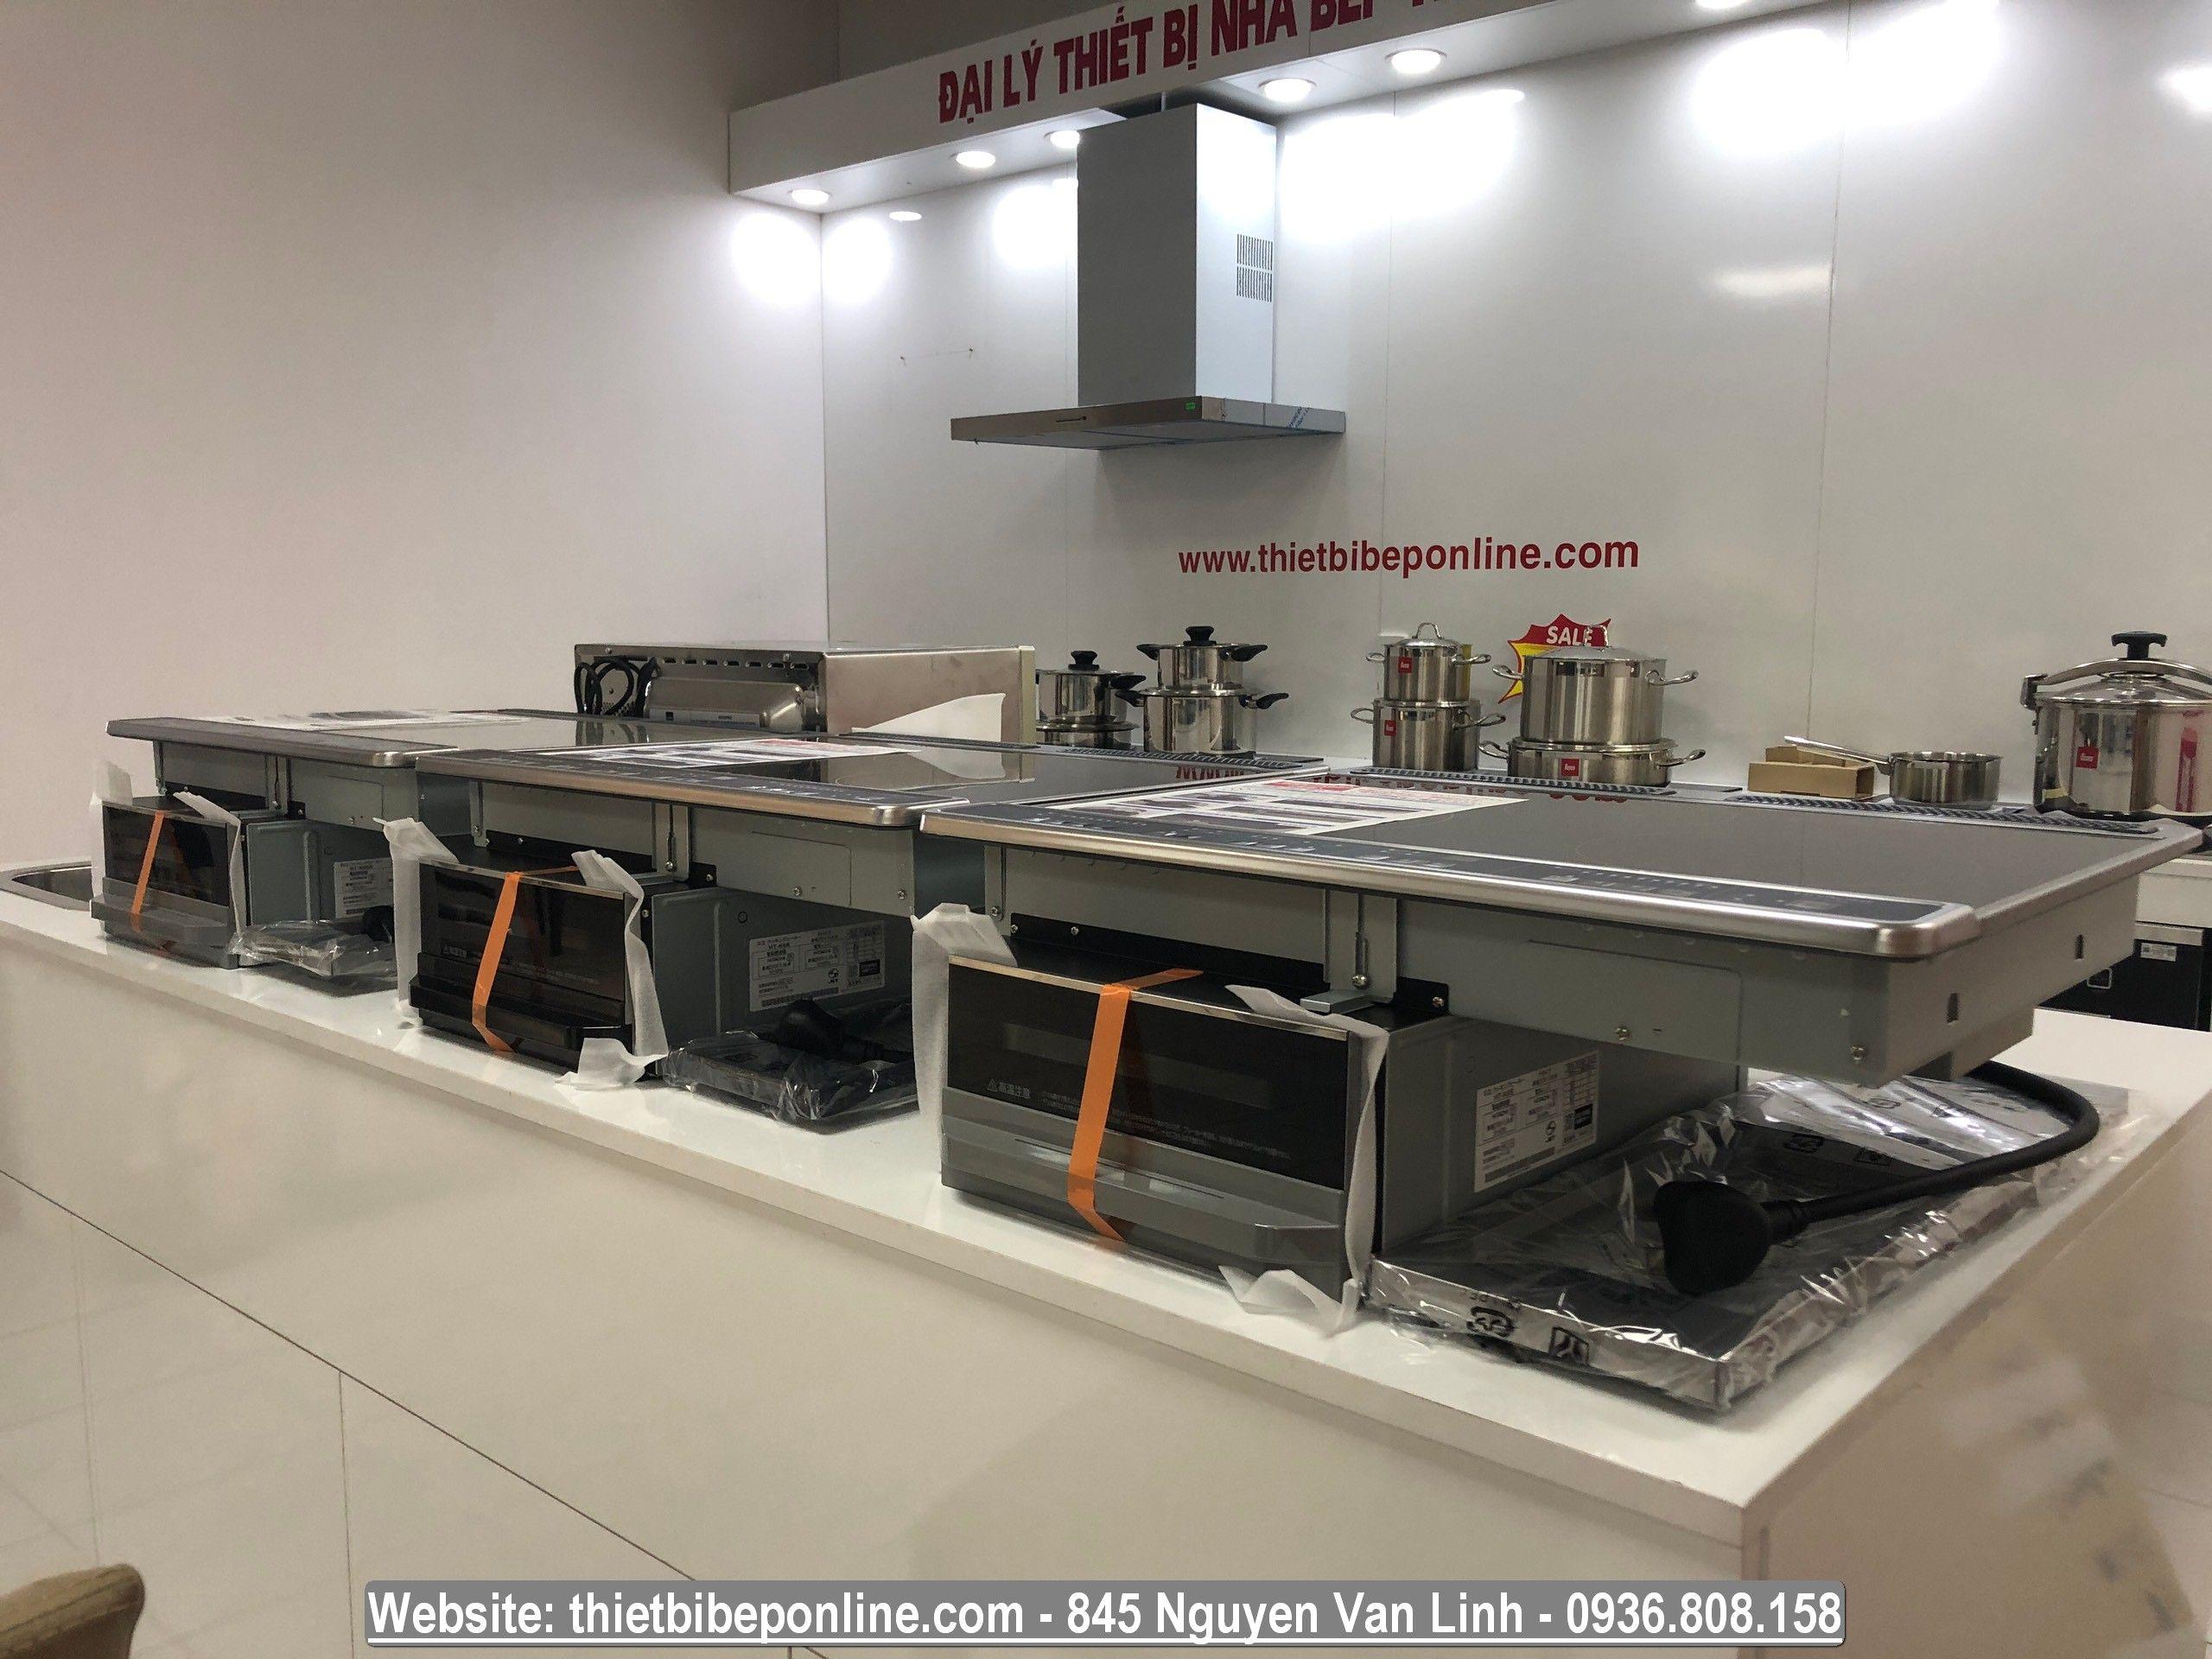 Khu vực trưng bày các sản phẩm bếp từ Nhật